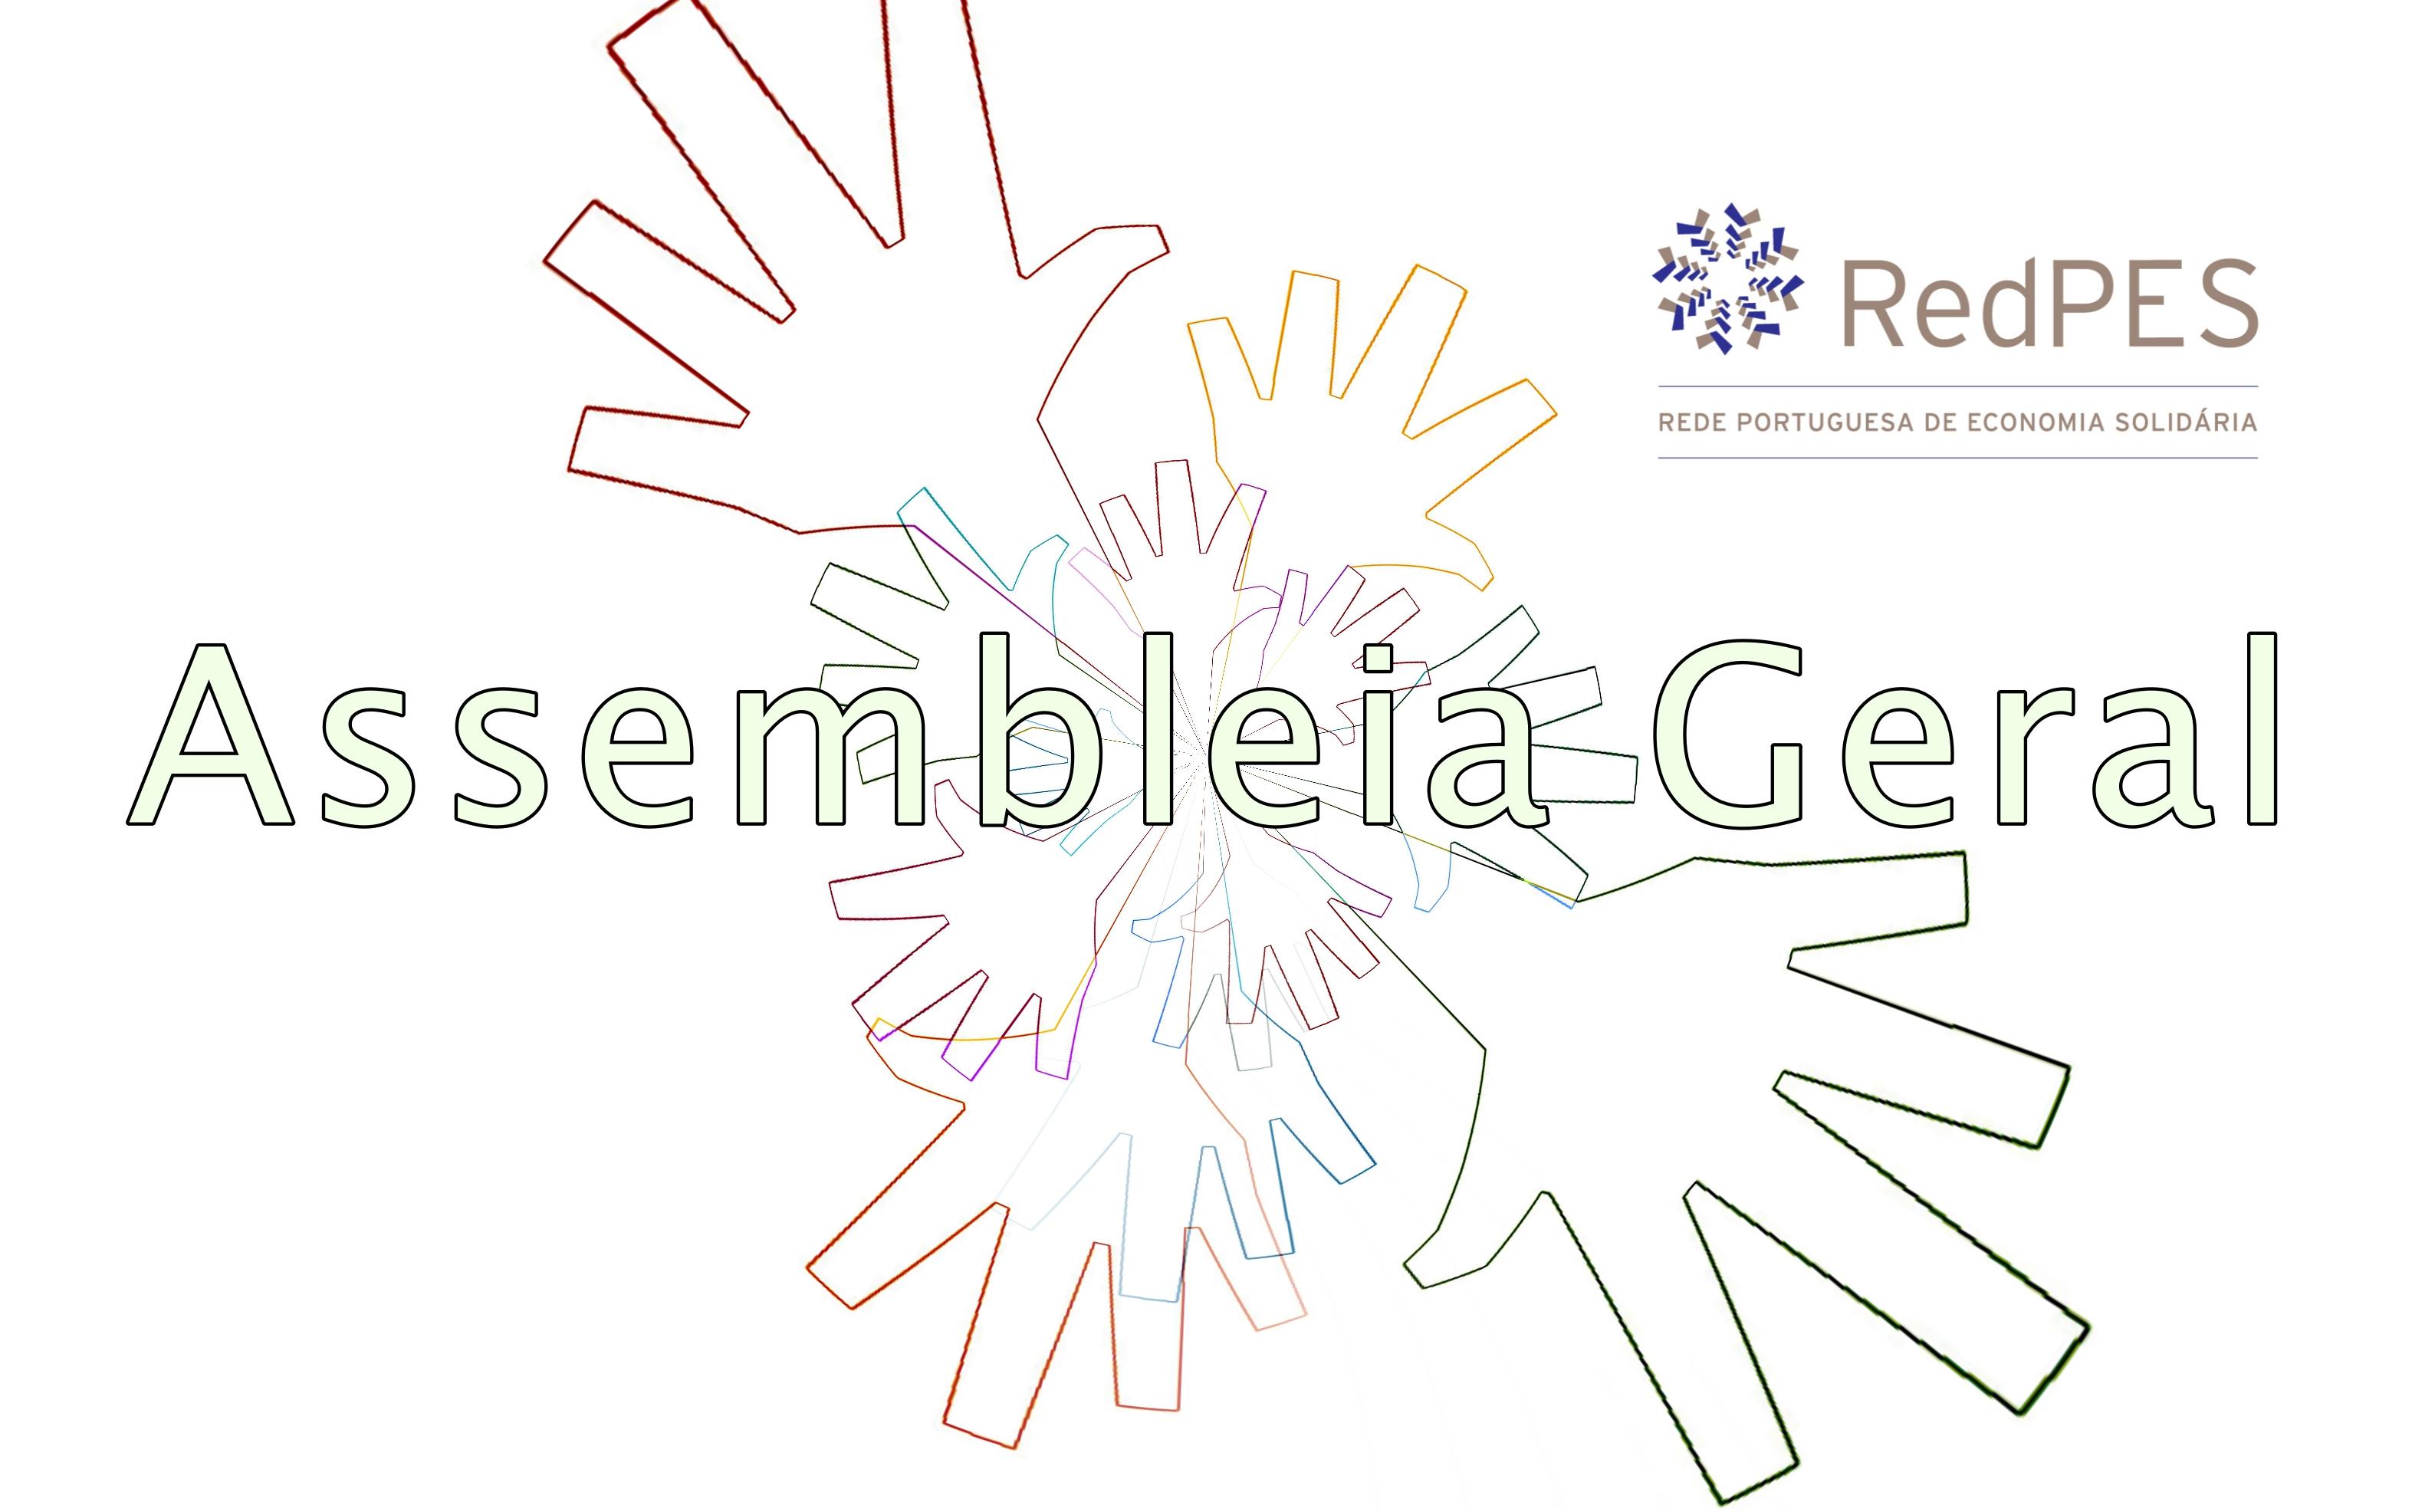 mãos votando na Assembleia Geral da RedPES no Entroncamento